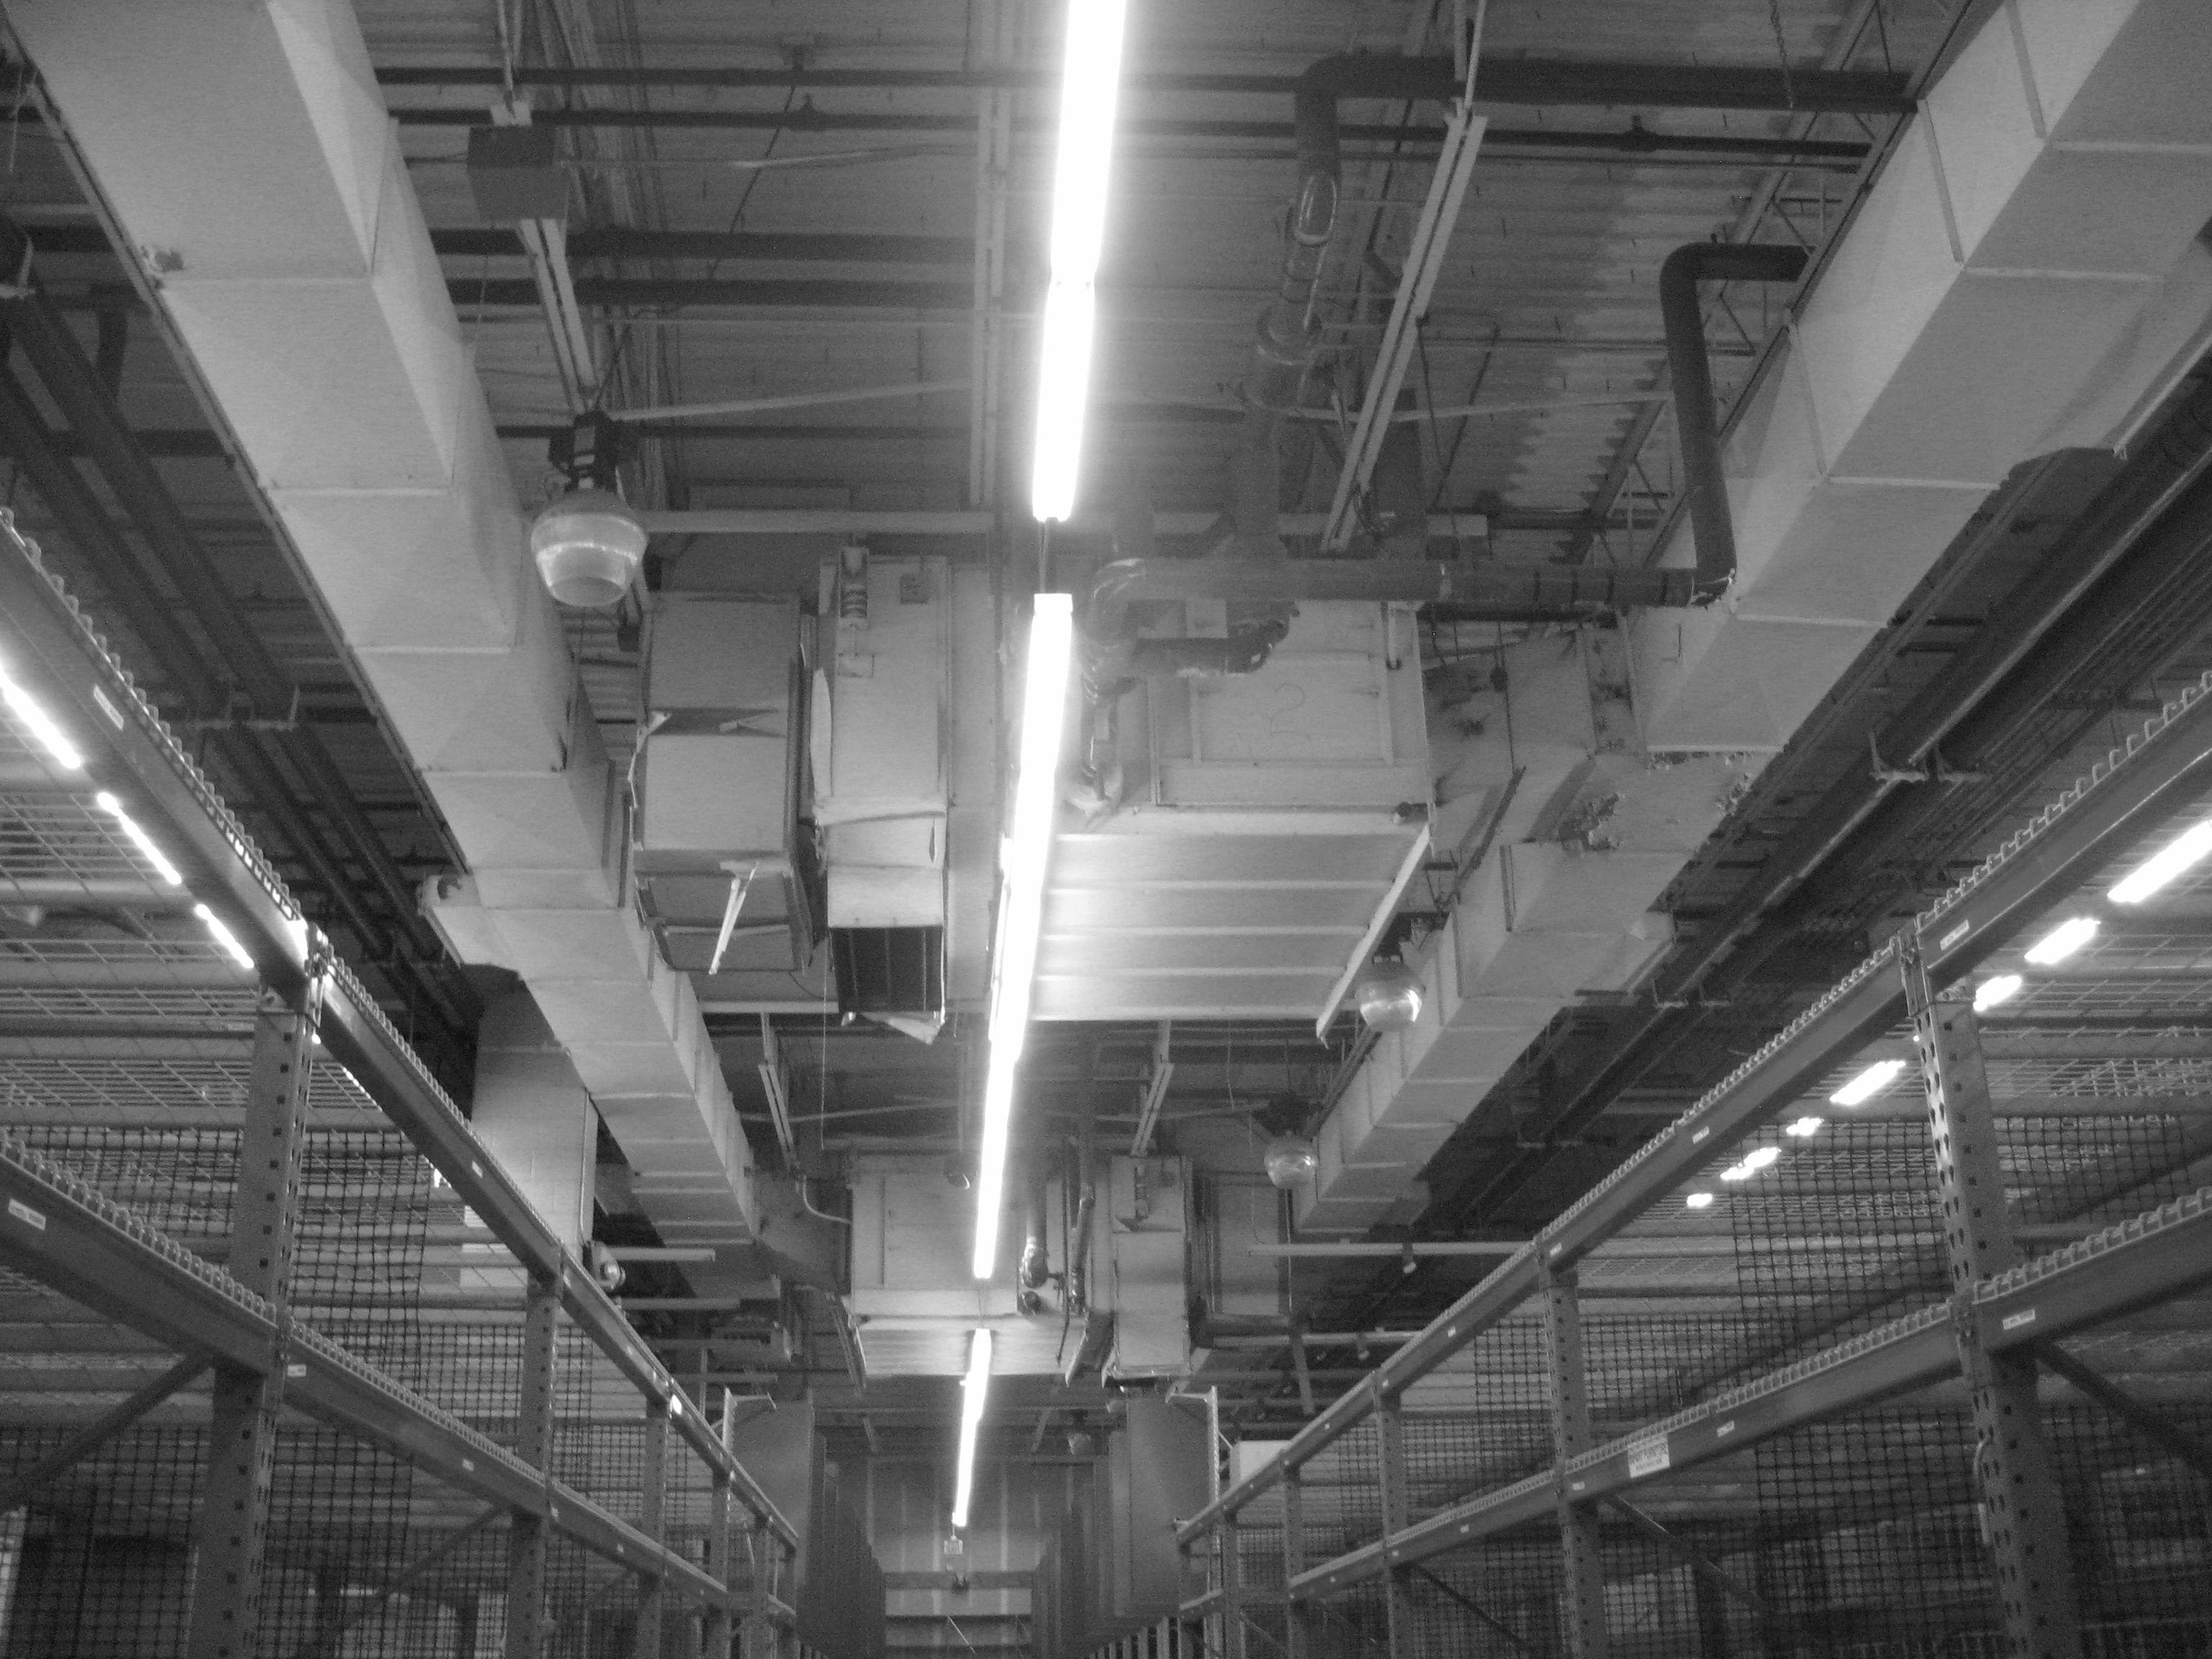 Warehouses